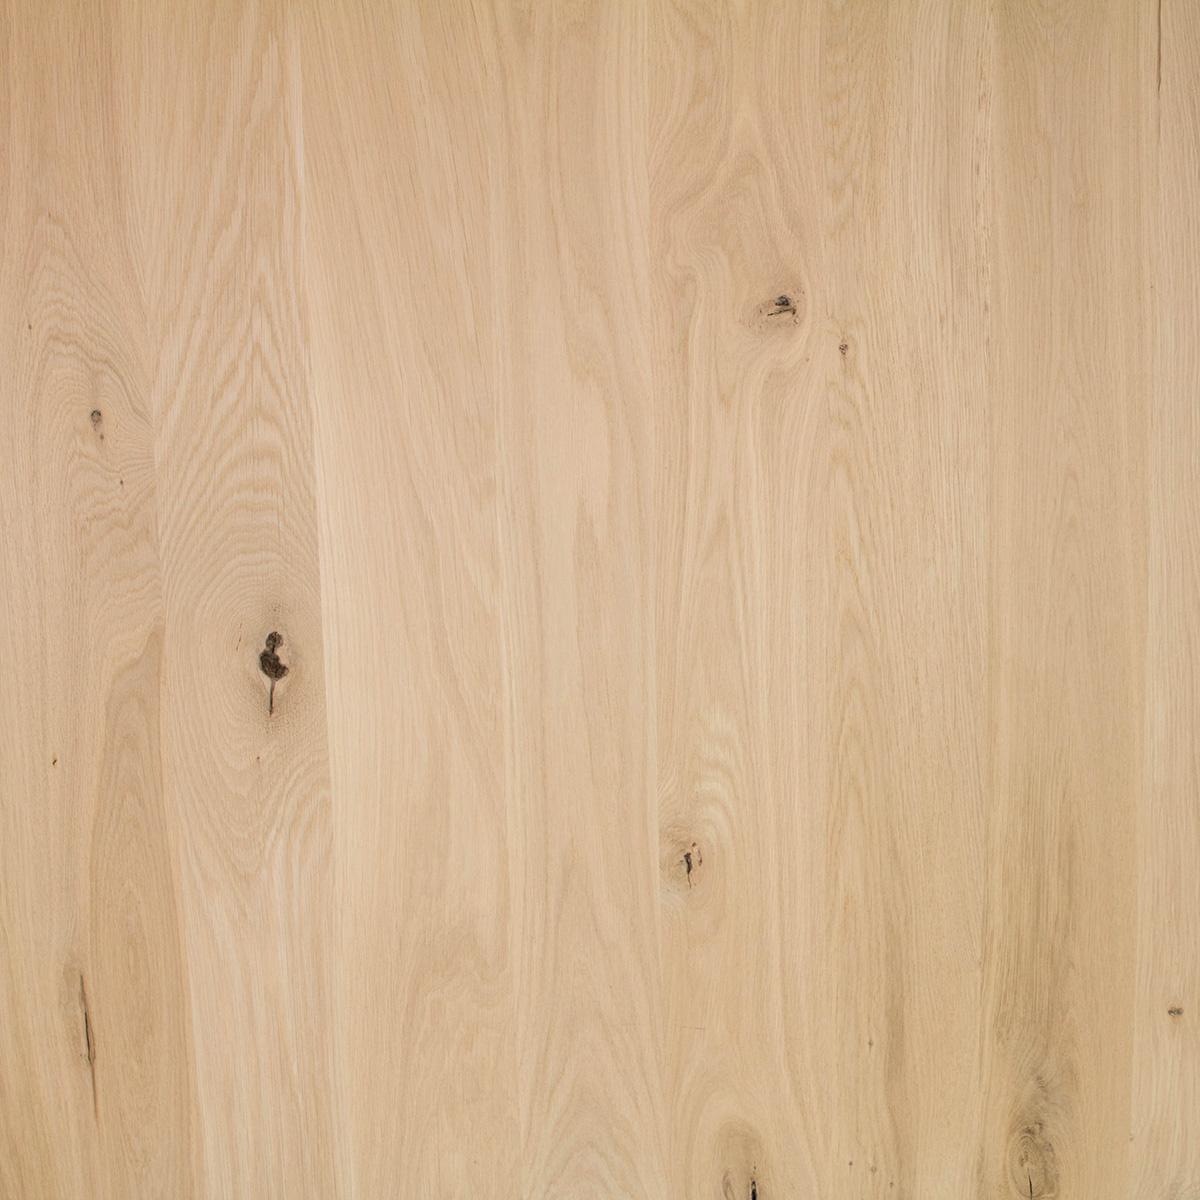 Tischbeine Eiche 10x10 cm -78 cm hoch - Massiv verleimt - Rustikal Eichenholz künstlich getrocknet HF 12%